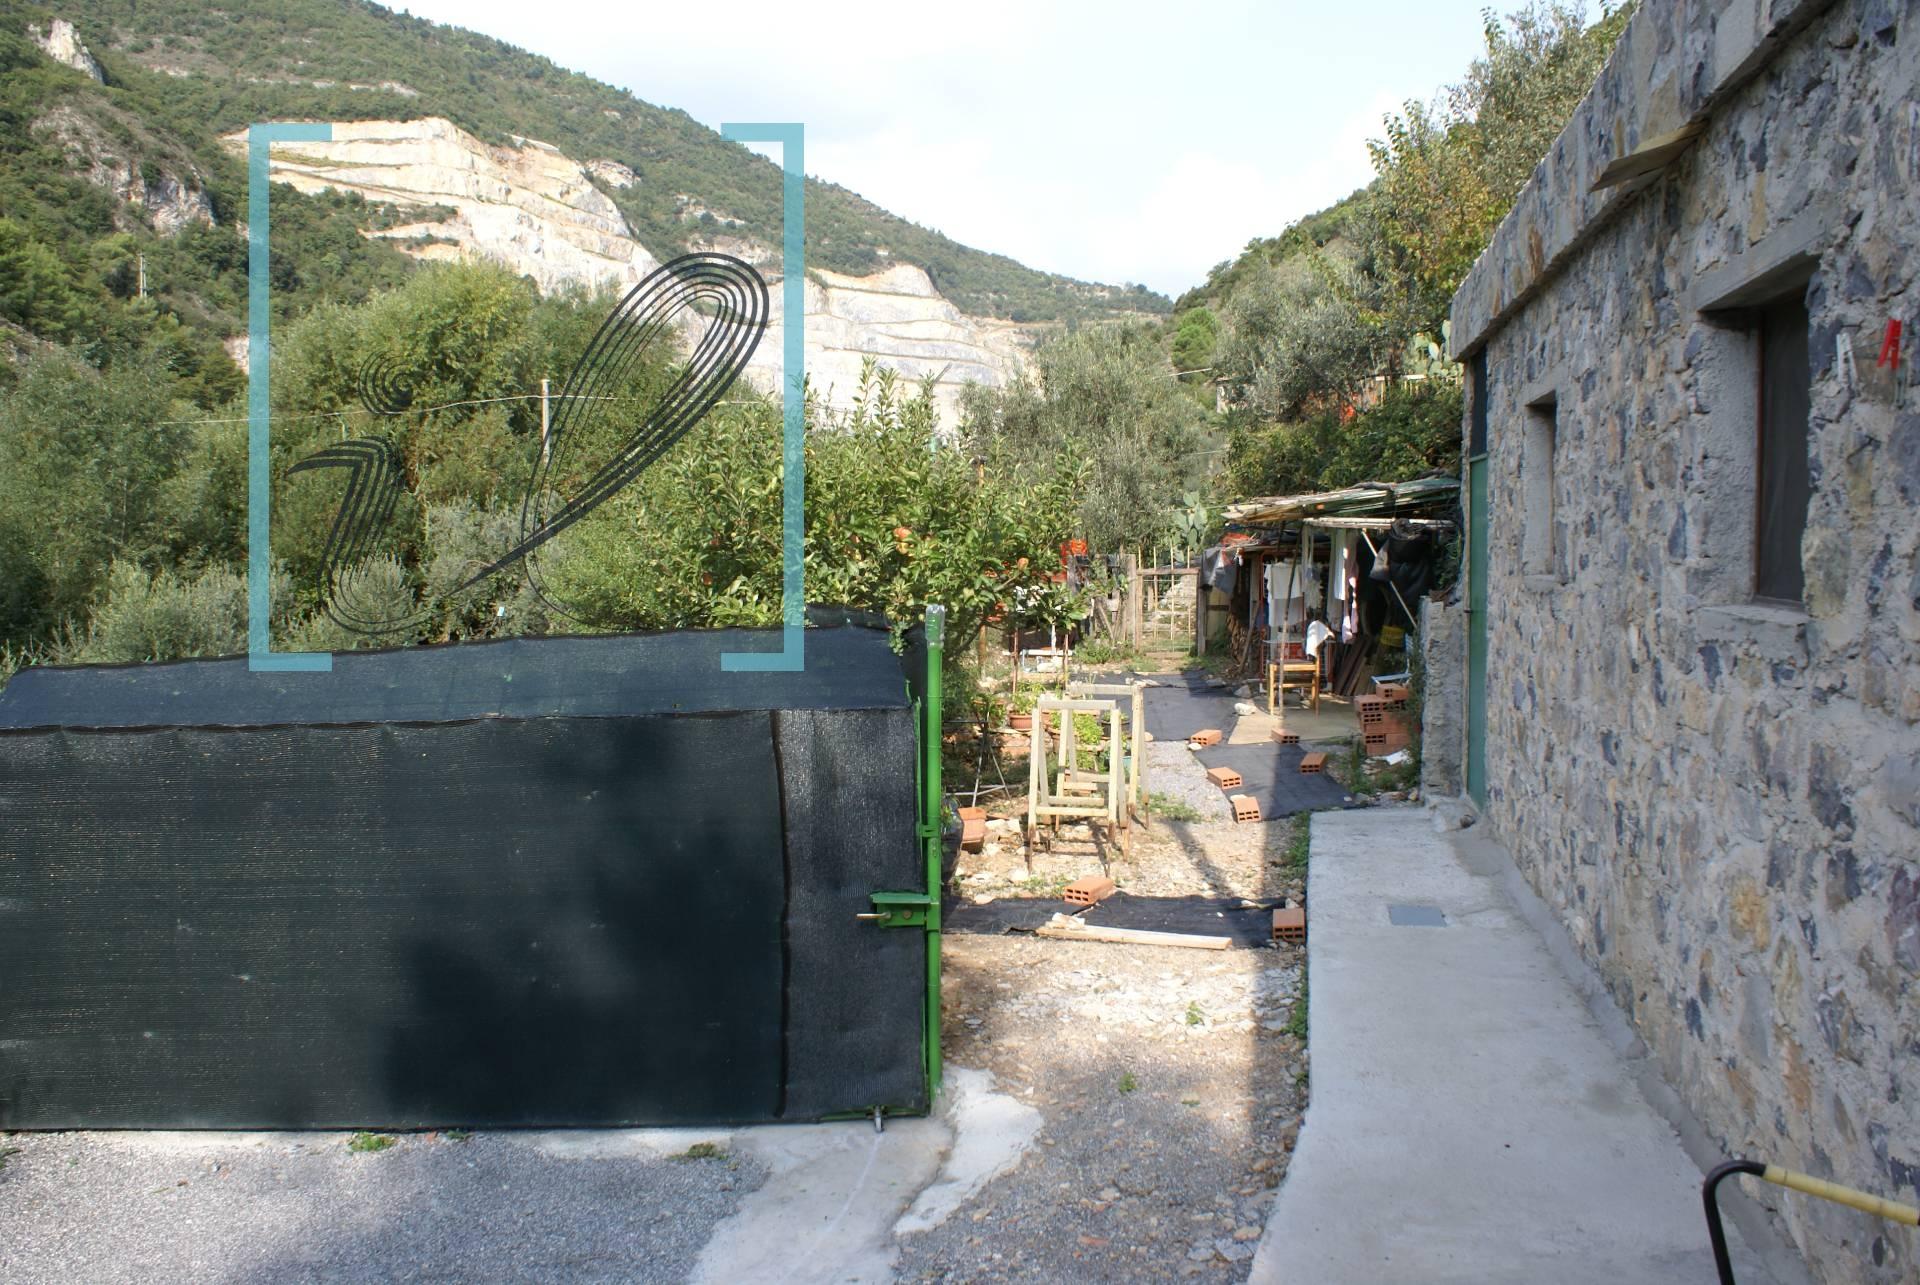 Rustico / Casale in vendita a Zuccarello, 1 locali, zona Zona: Martinetto, prezzo € 75.000 | CambioCasa.it